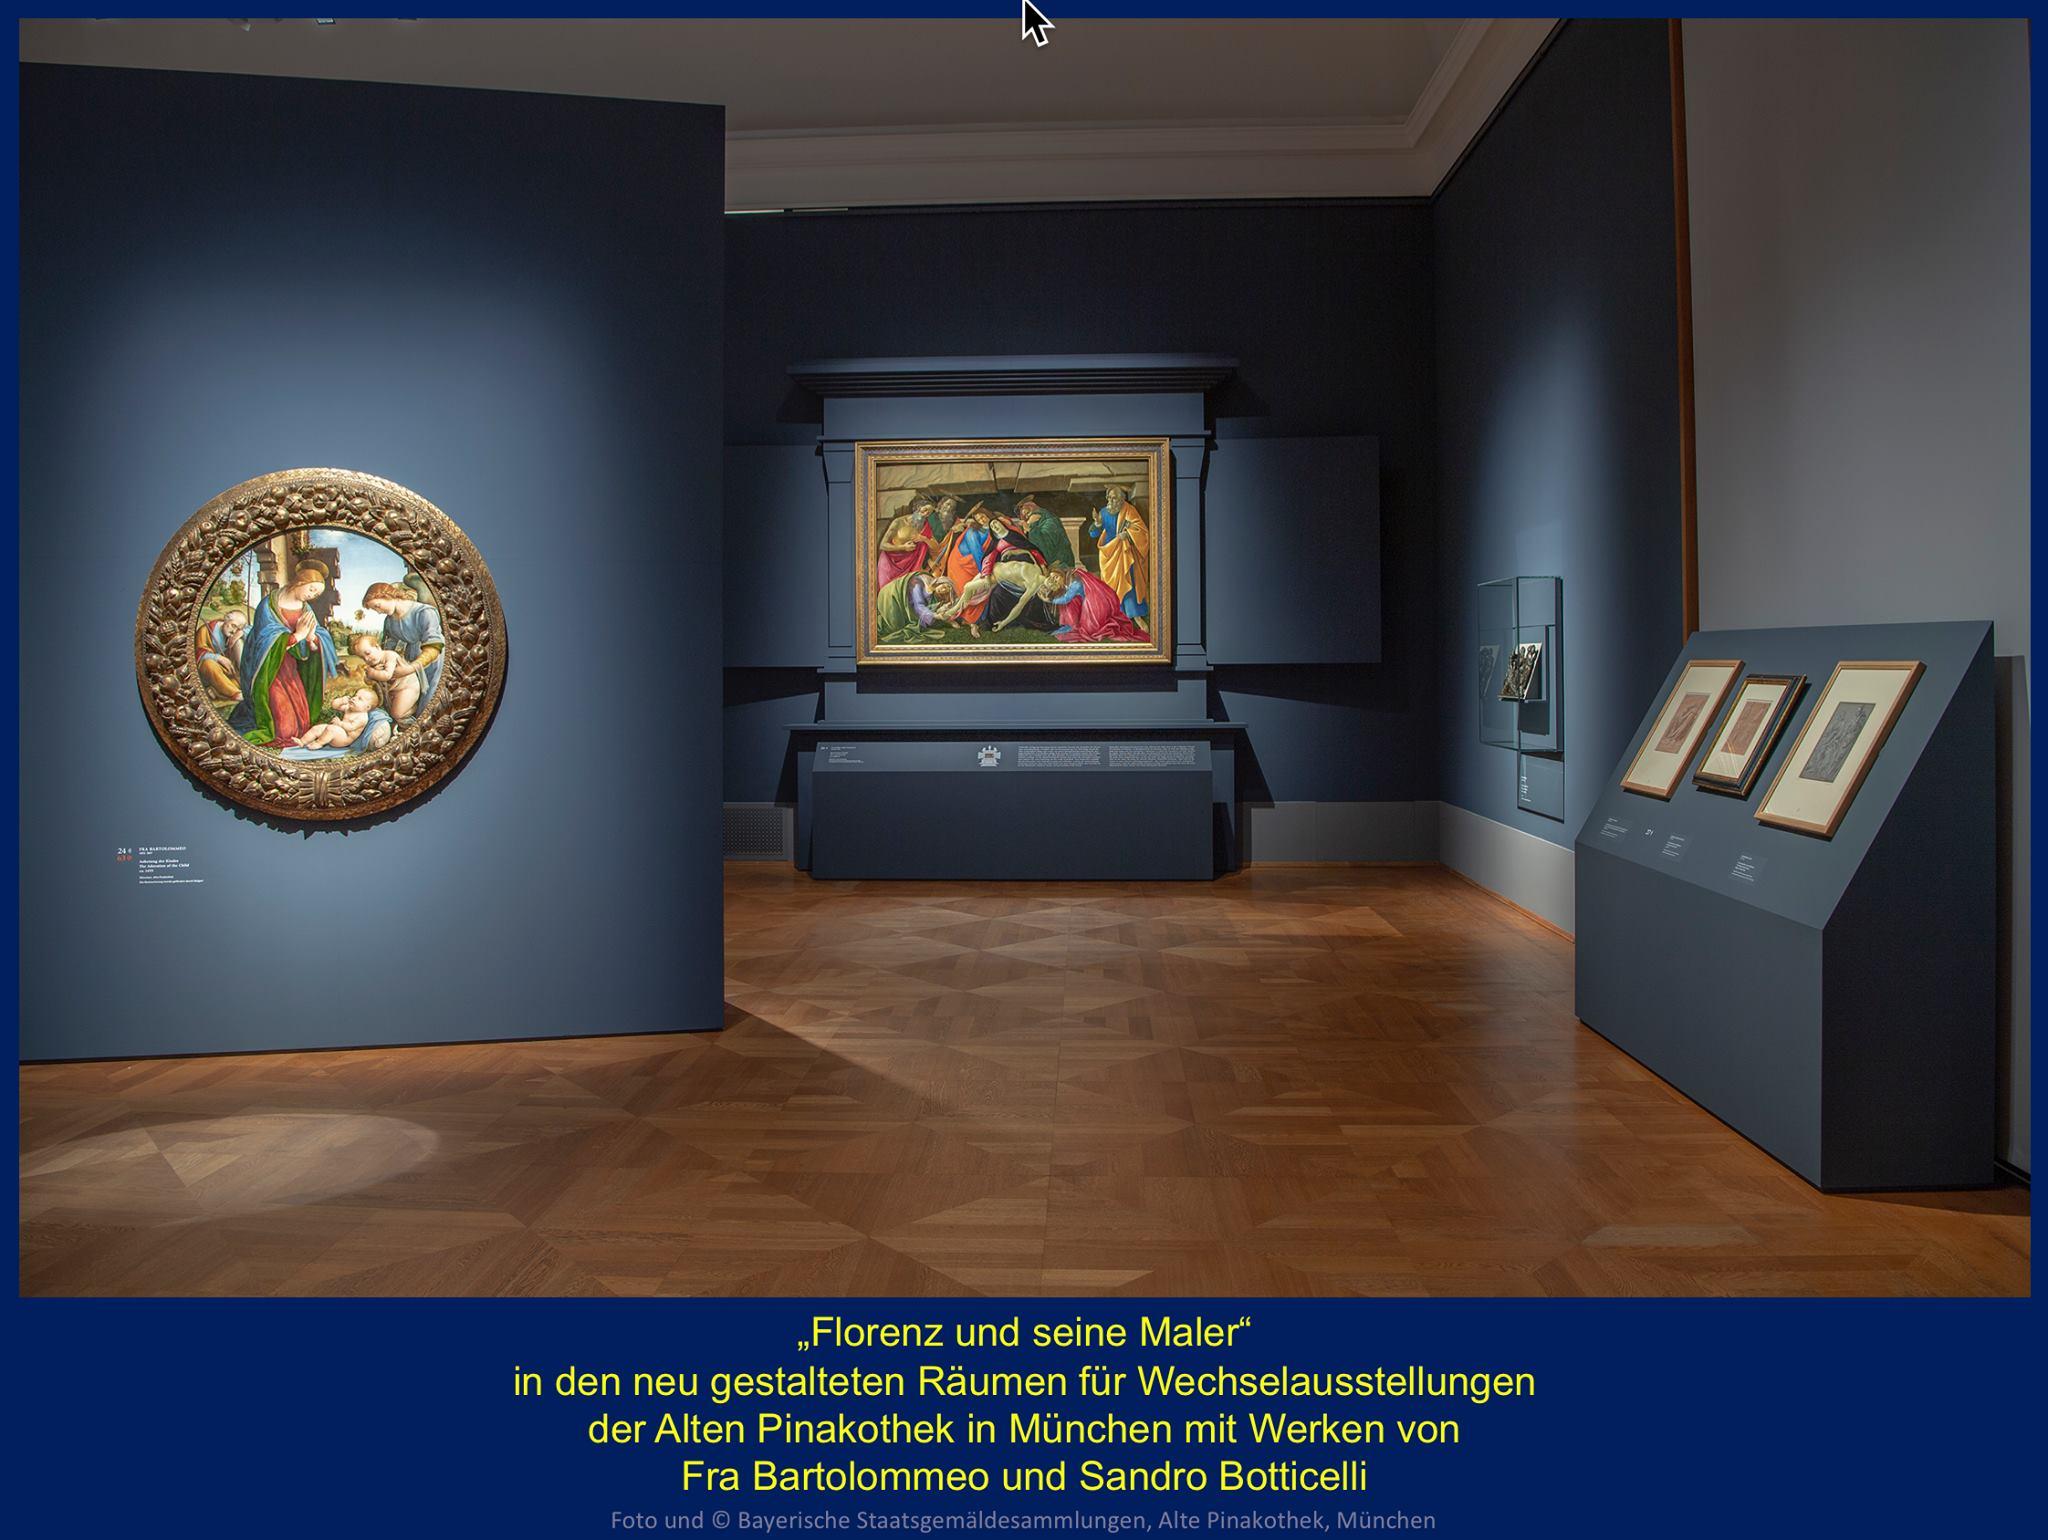 Meisterwerke von Botticelli und Fra Bartolommeo